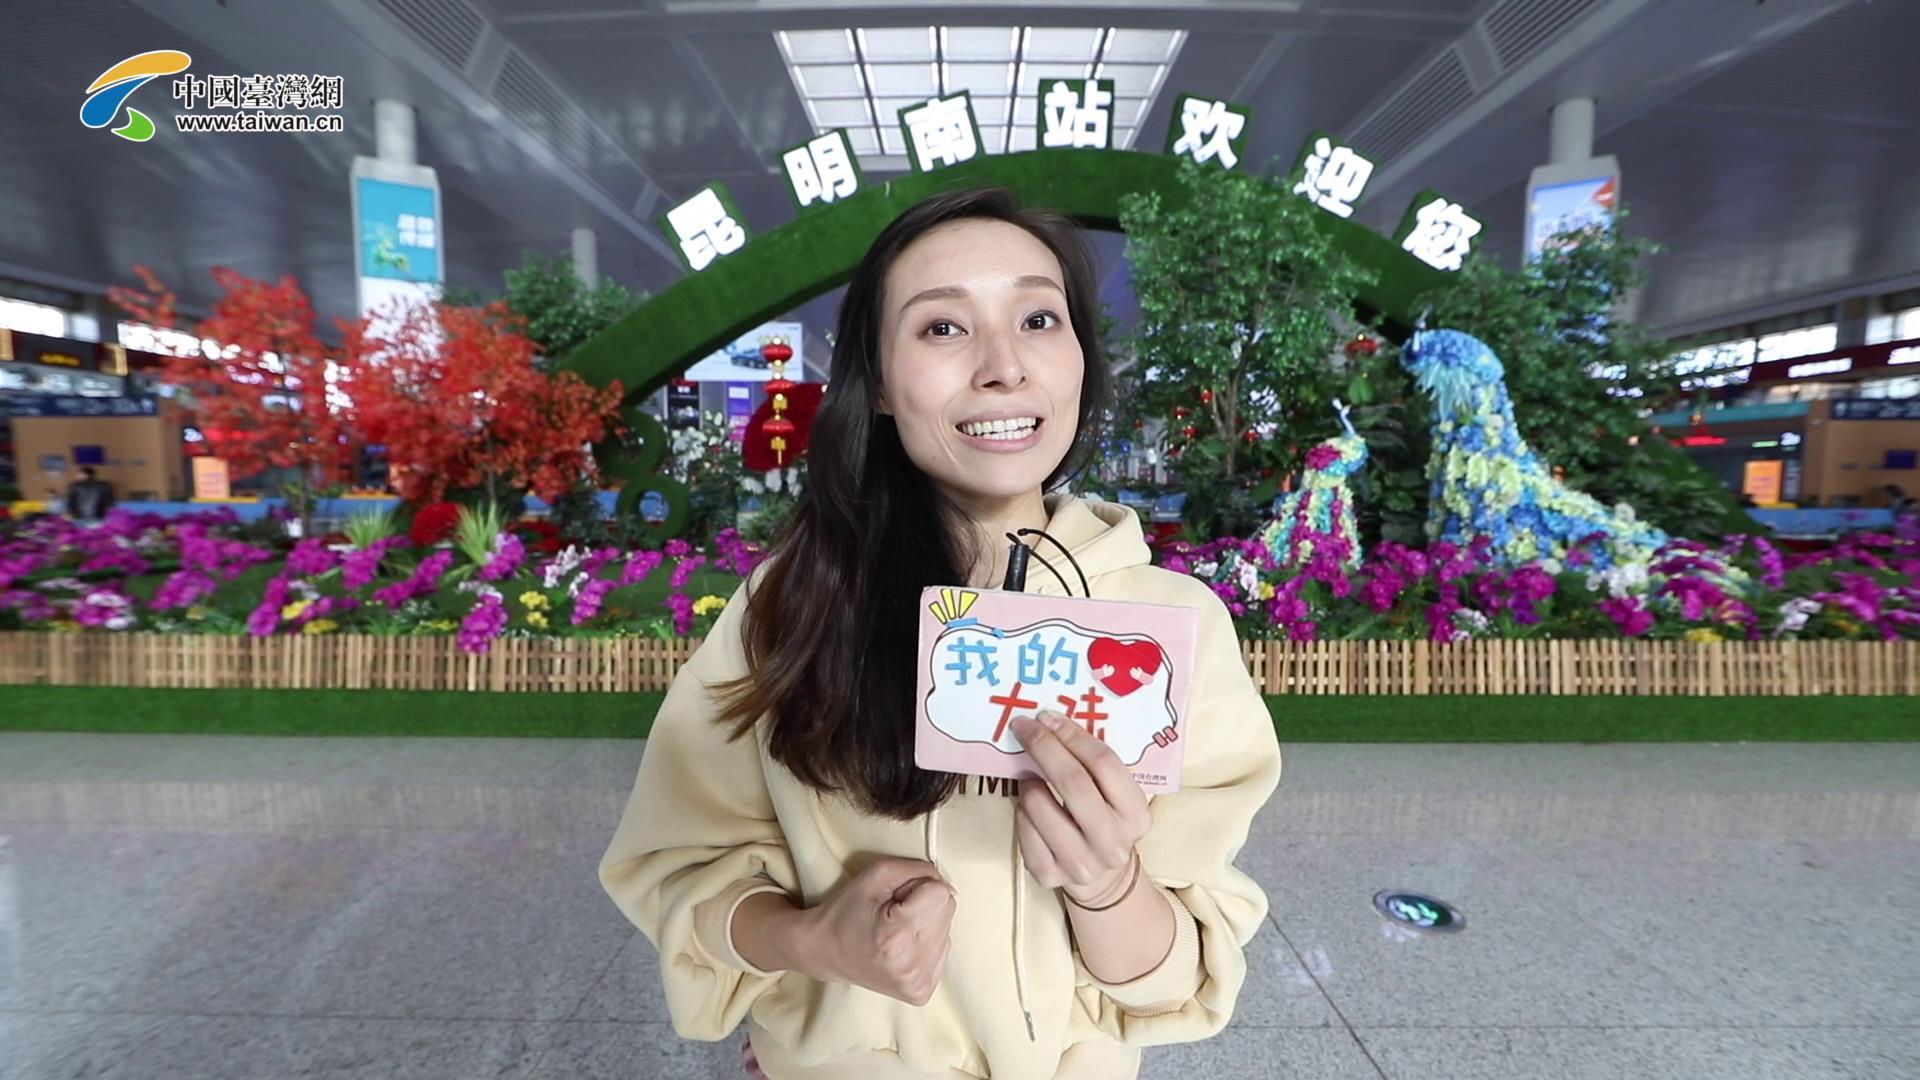 【雲南篇】臺灣青年震驚大陸高鐵發展 在臺灣最遠也就1.5小時圖片